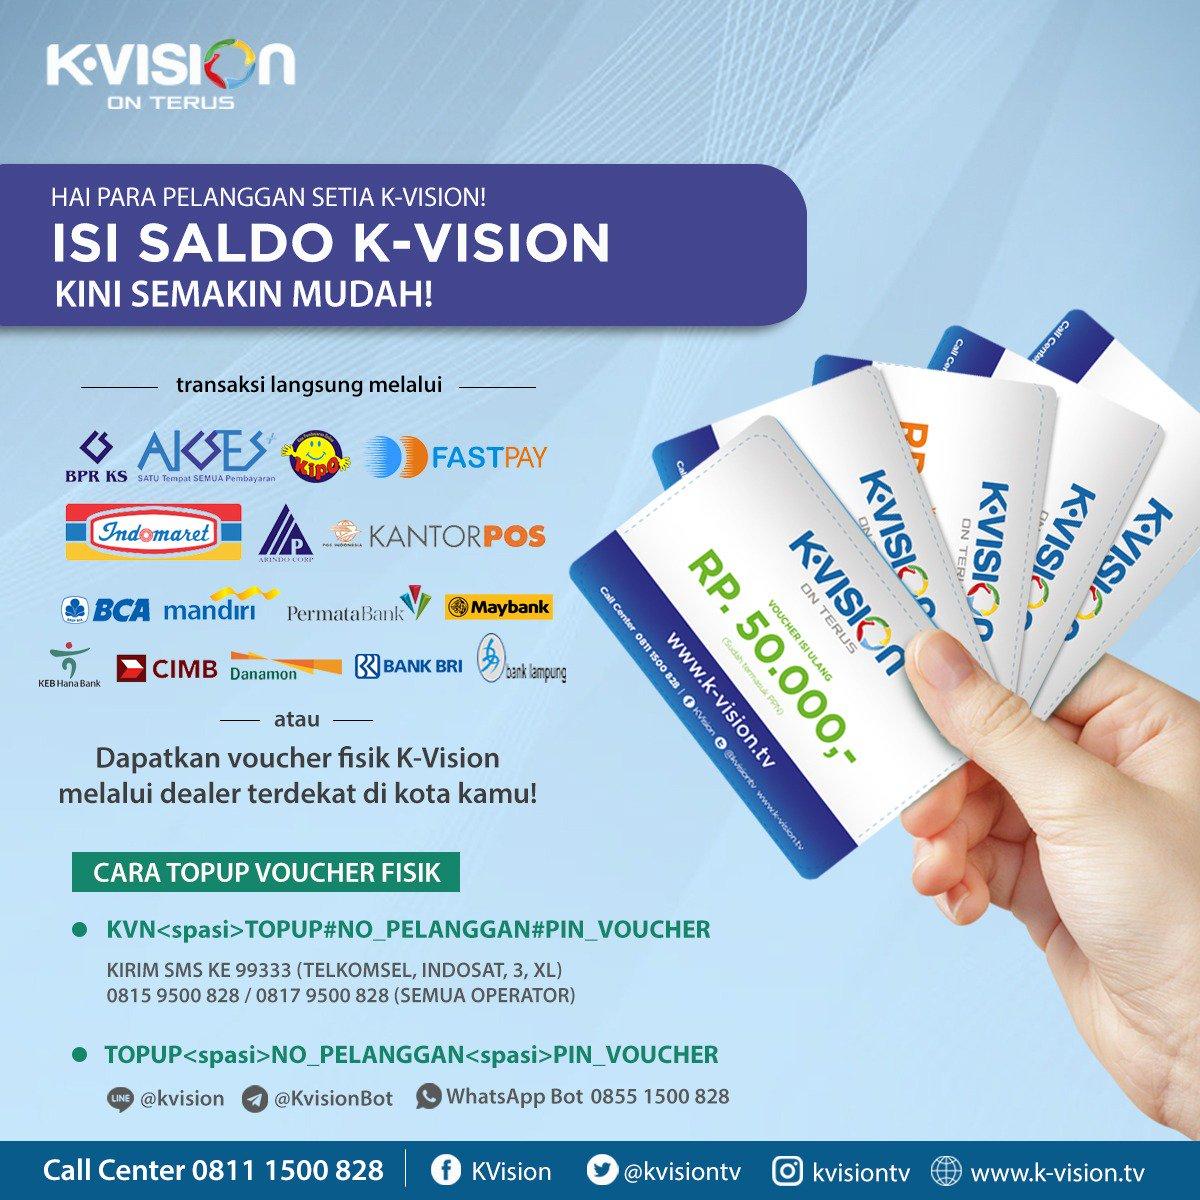 Kvision On Twitter Pelanggan K Vision Melakukan Aktivasi Secara Langsung 3 Bulan Dengan Menggunakan Kode J301 Dengan Syarat Pelanggan Memiliki Saldo Sebesar Rp 540 000 Https T Co C8ro91pw5m